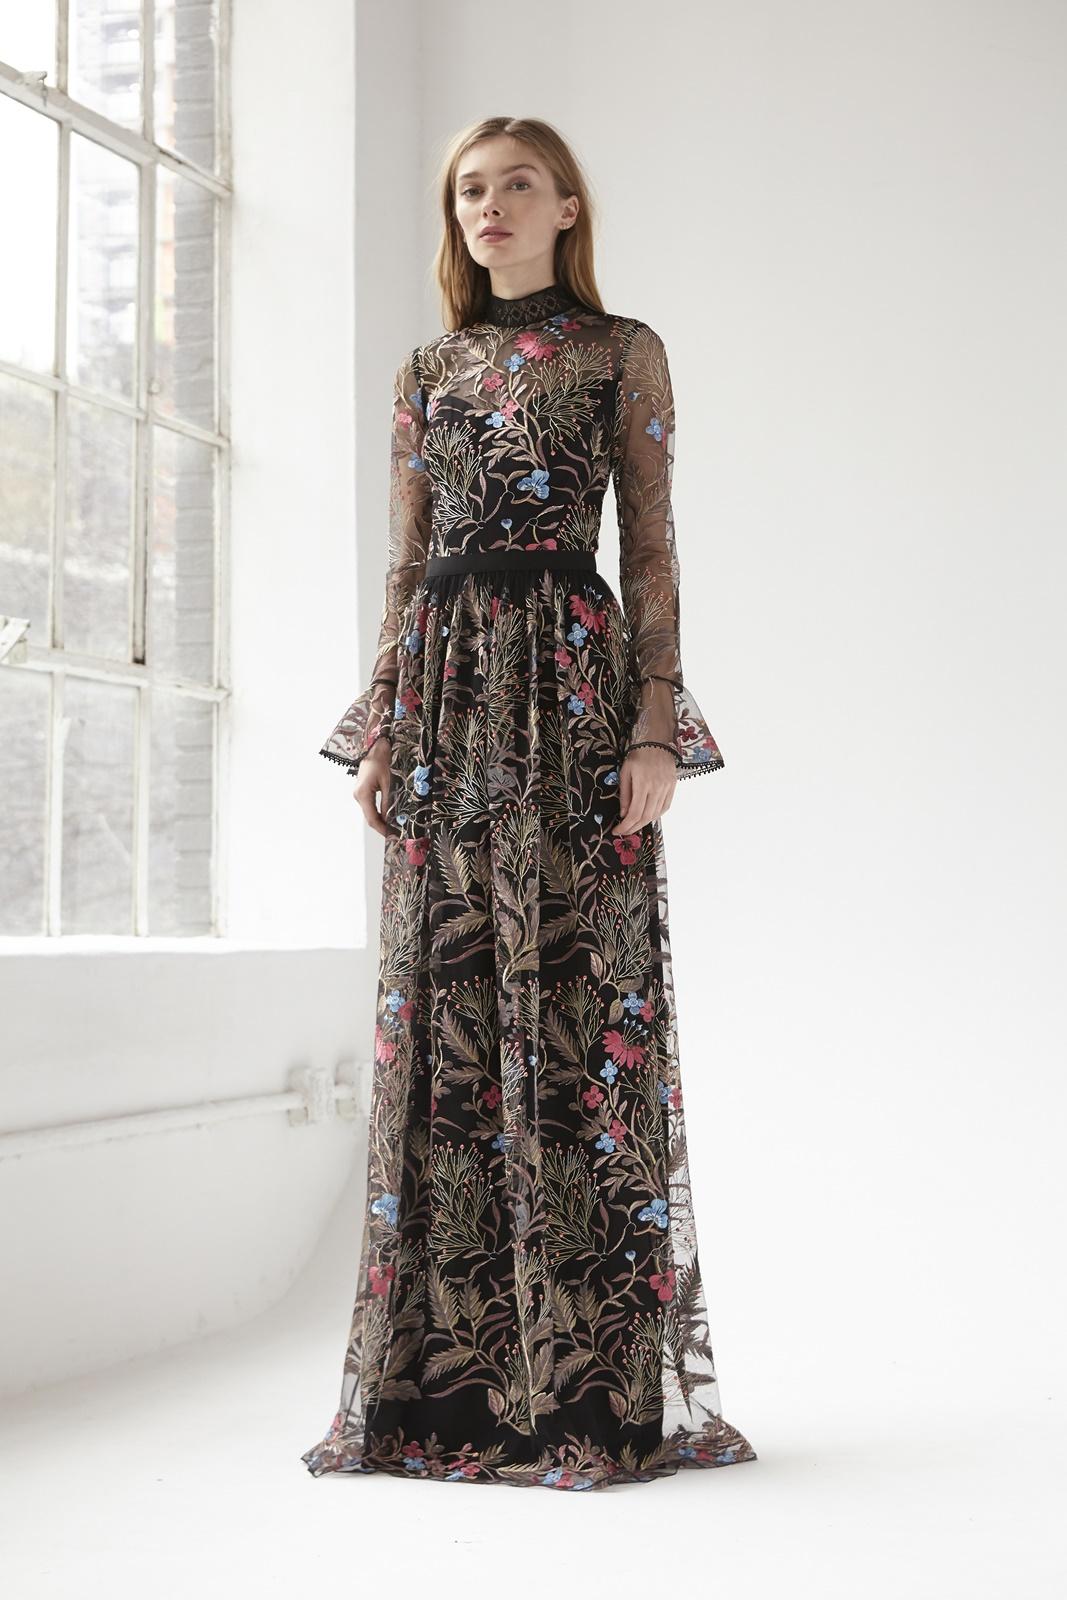 華やかな刺繍が施された長袖の結婚式やパーティーにおすすめのおしゃれなエムエル・モニーク・ルイリエ(ML Monique Lhuillier)のロングドレス